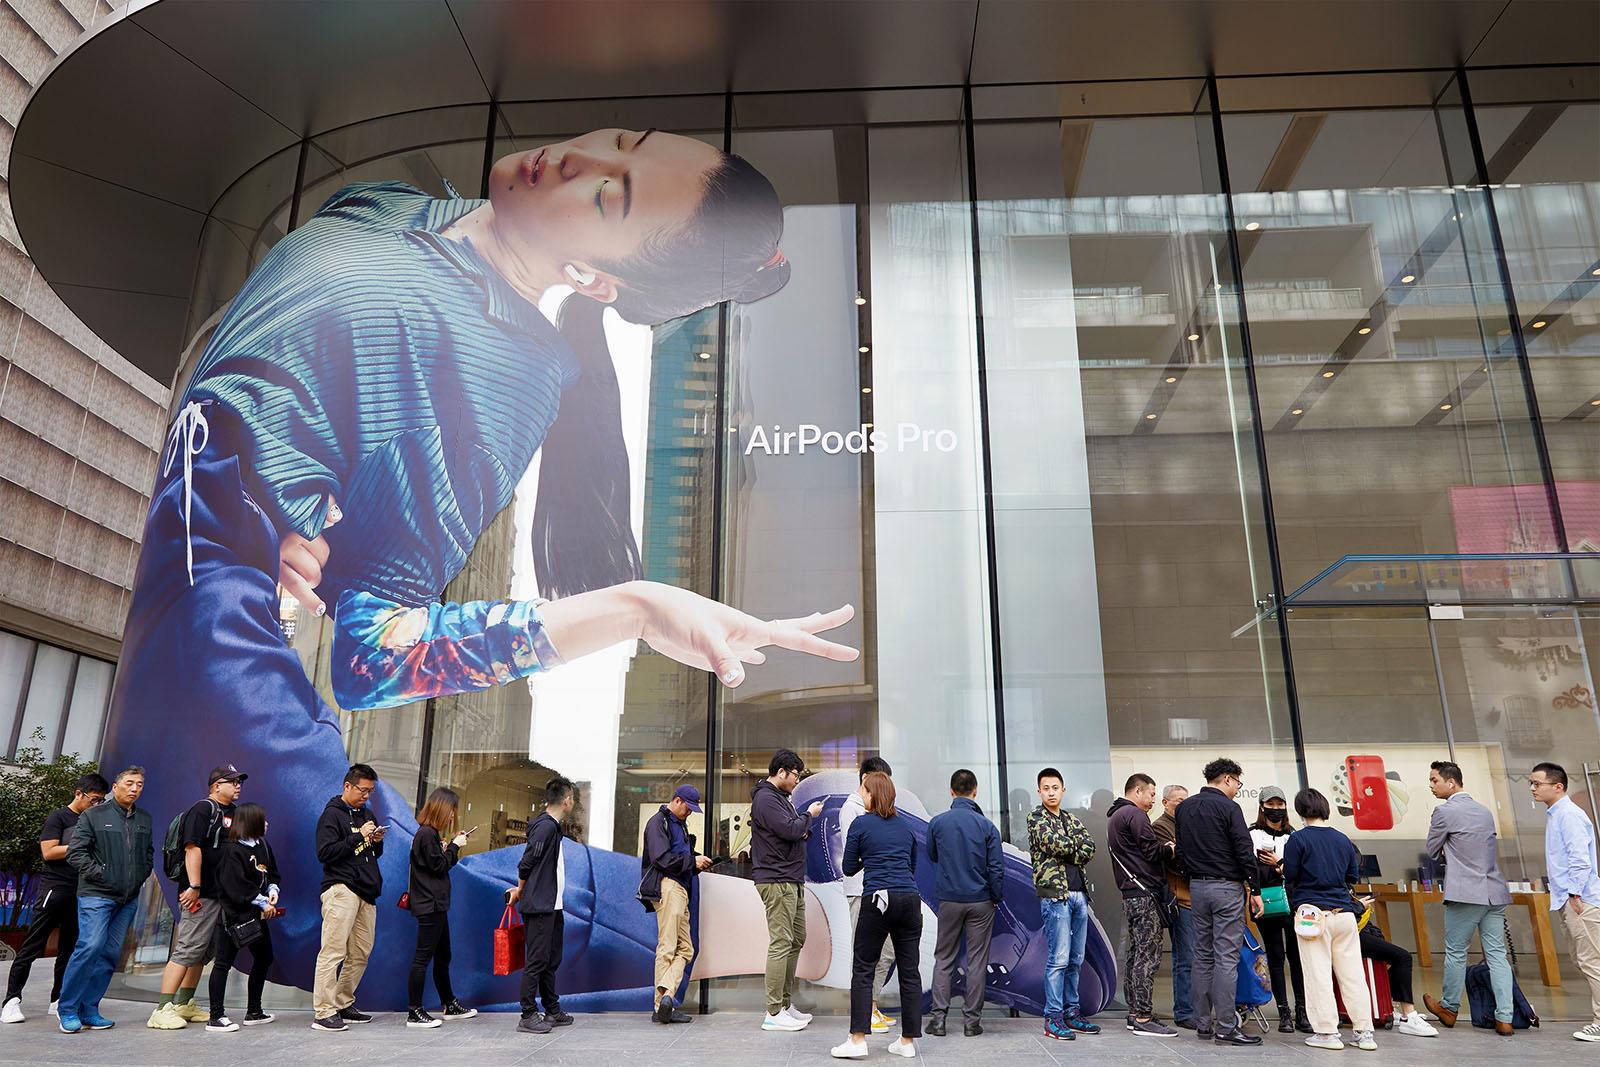 Lanzamiento de AirPods Pro en Shanghai